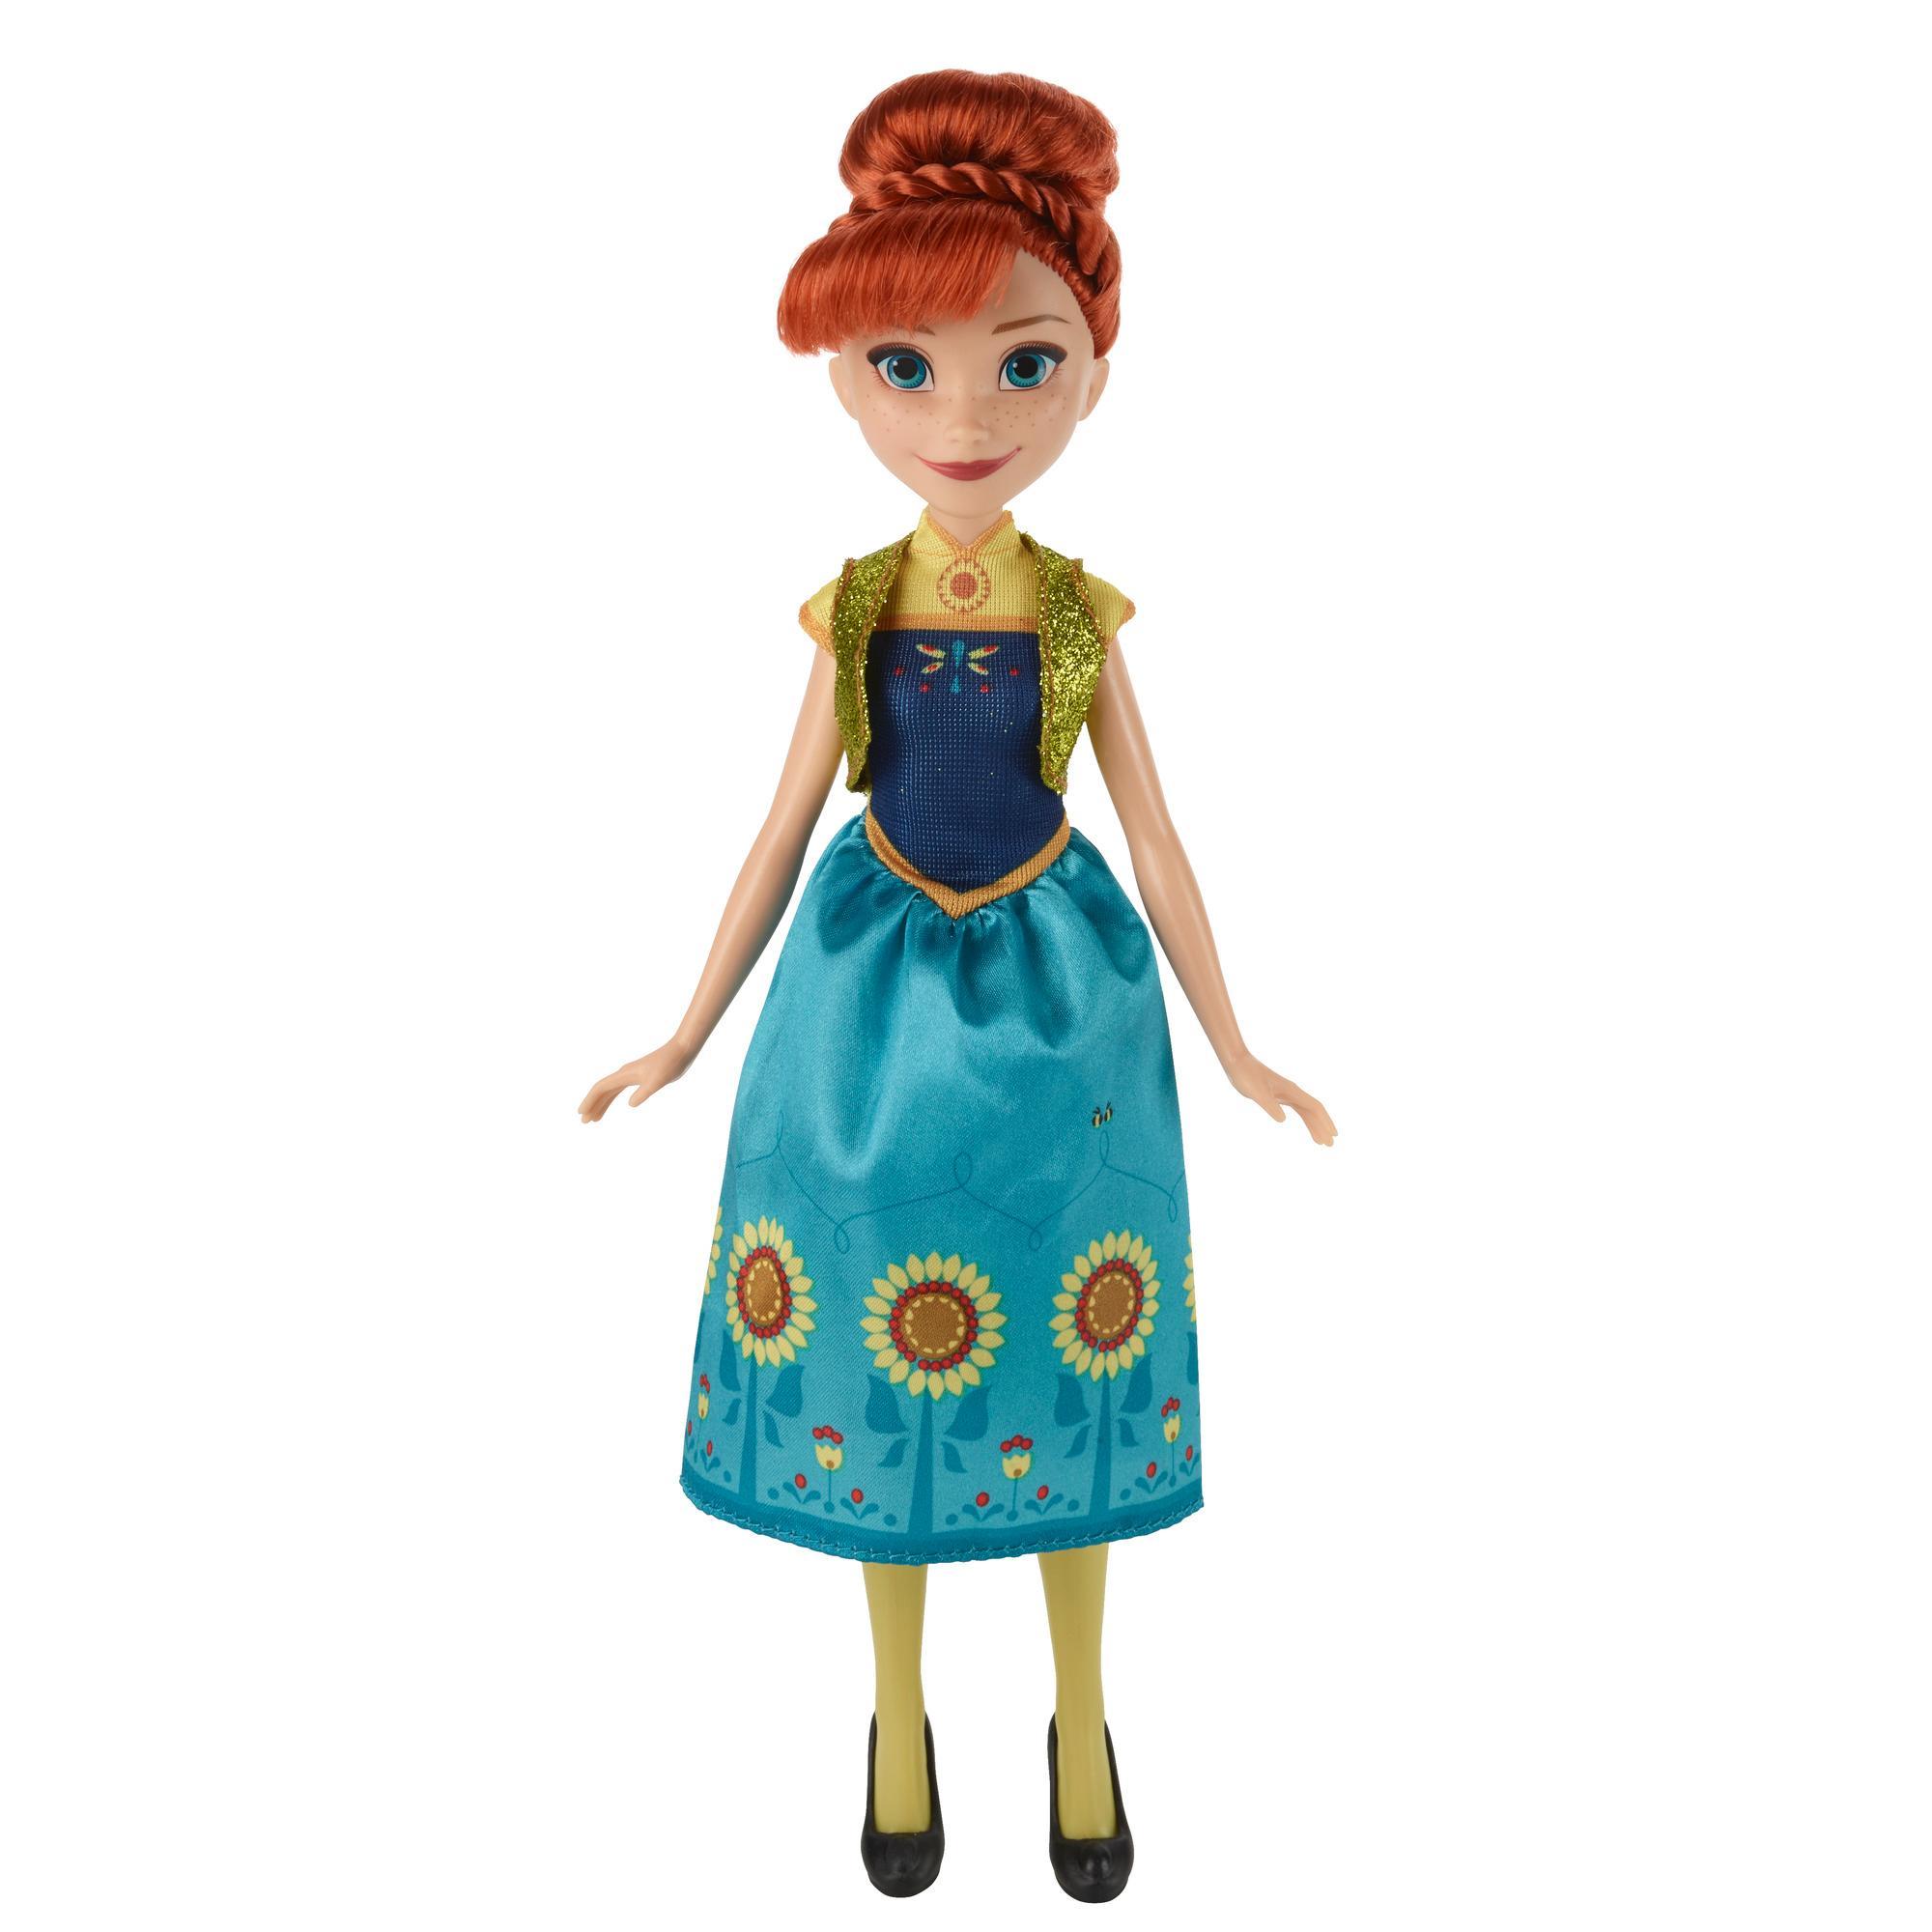 冰雪奇緣之驚喜連連–安娜公主